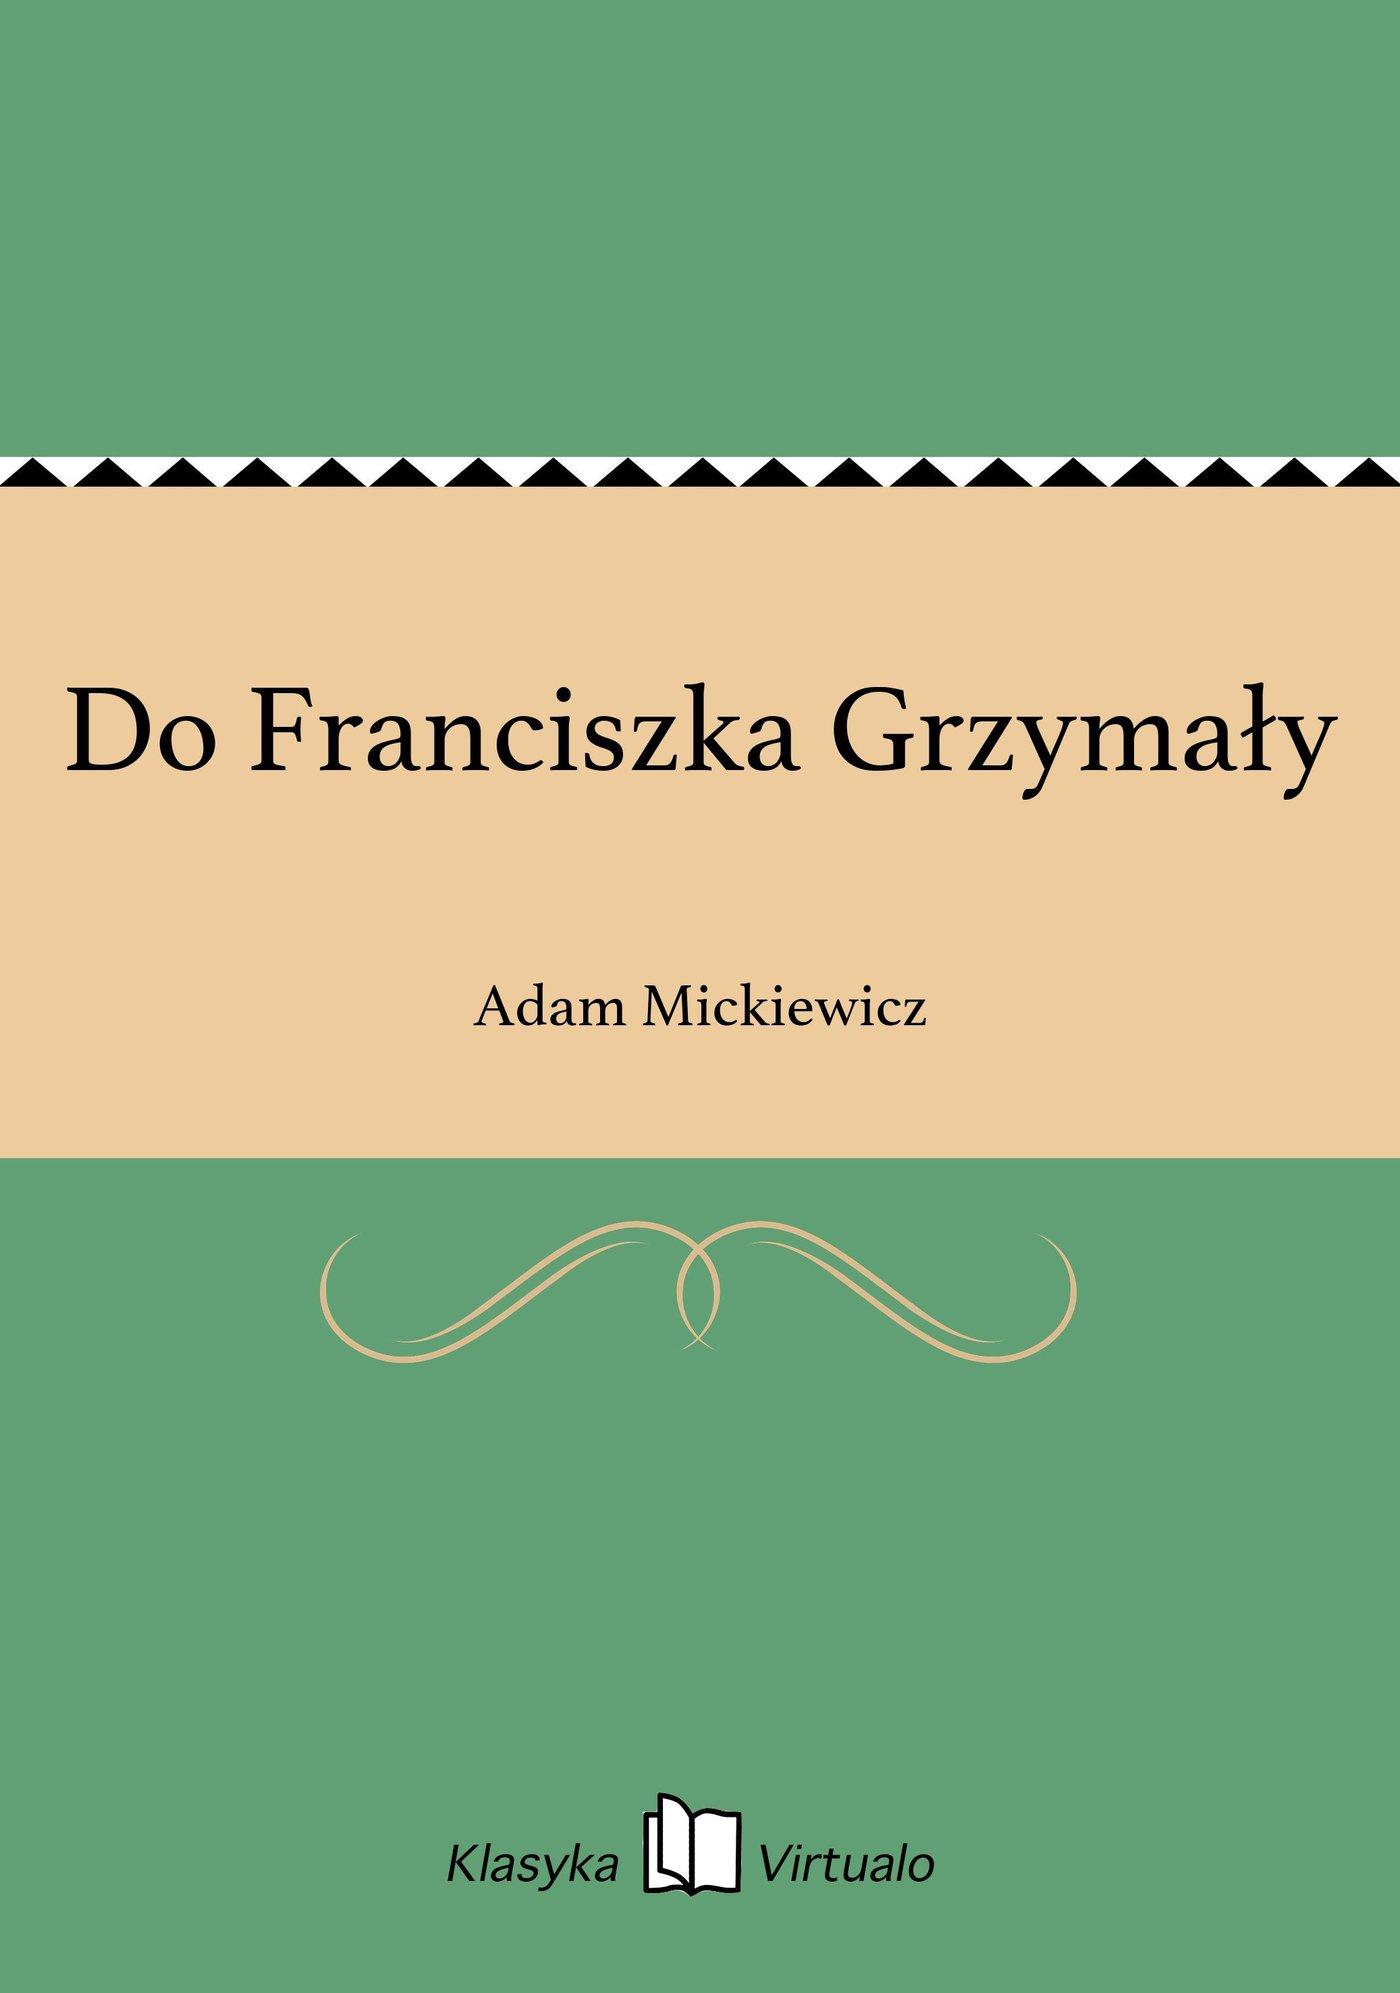 Do Franciszka Grzymały - Ebook (Książka na Kindle) do pobrania w formacie MOBI